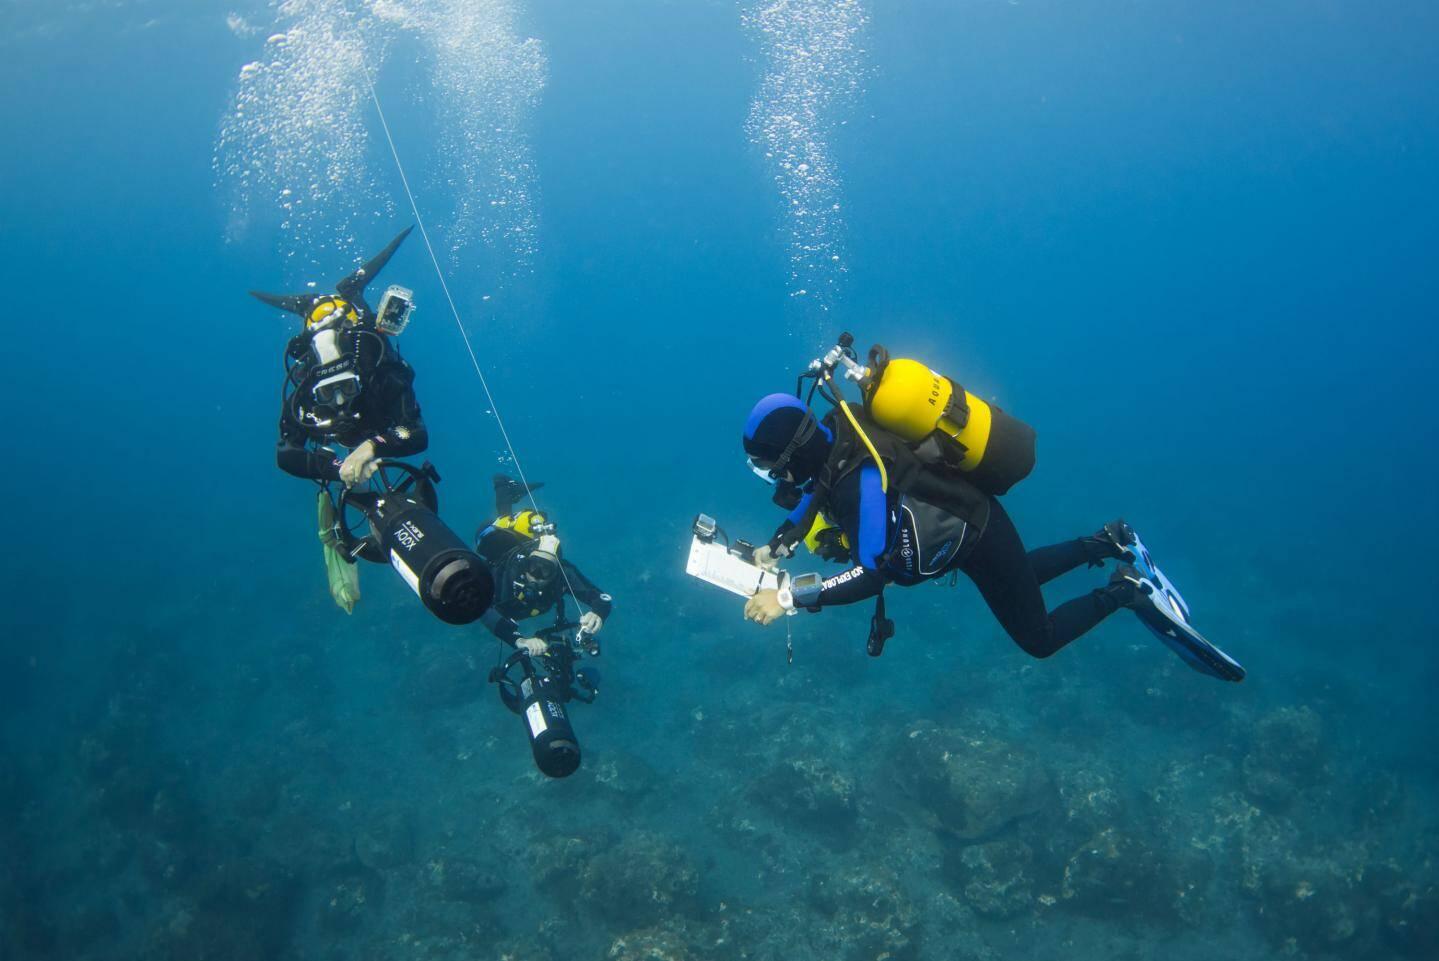 Trois plongeurs recensent en ce moment les écosystèmes marins au nord de Madère, sur 22 mètres de profondeur et 50 kilomètres de littoral.